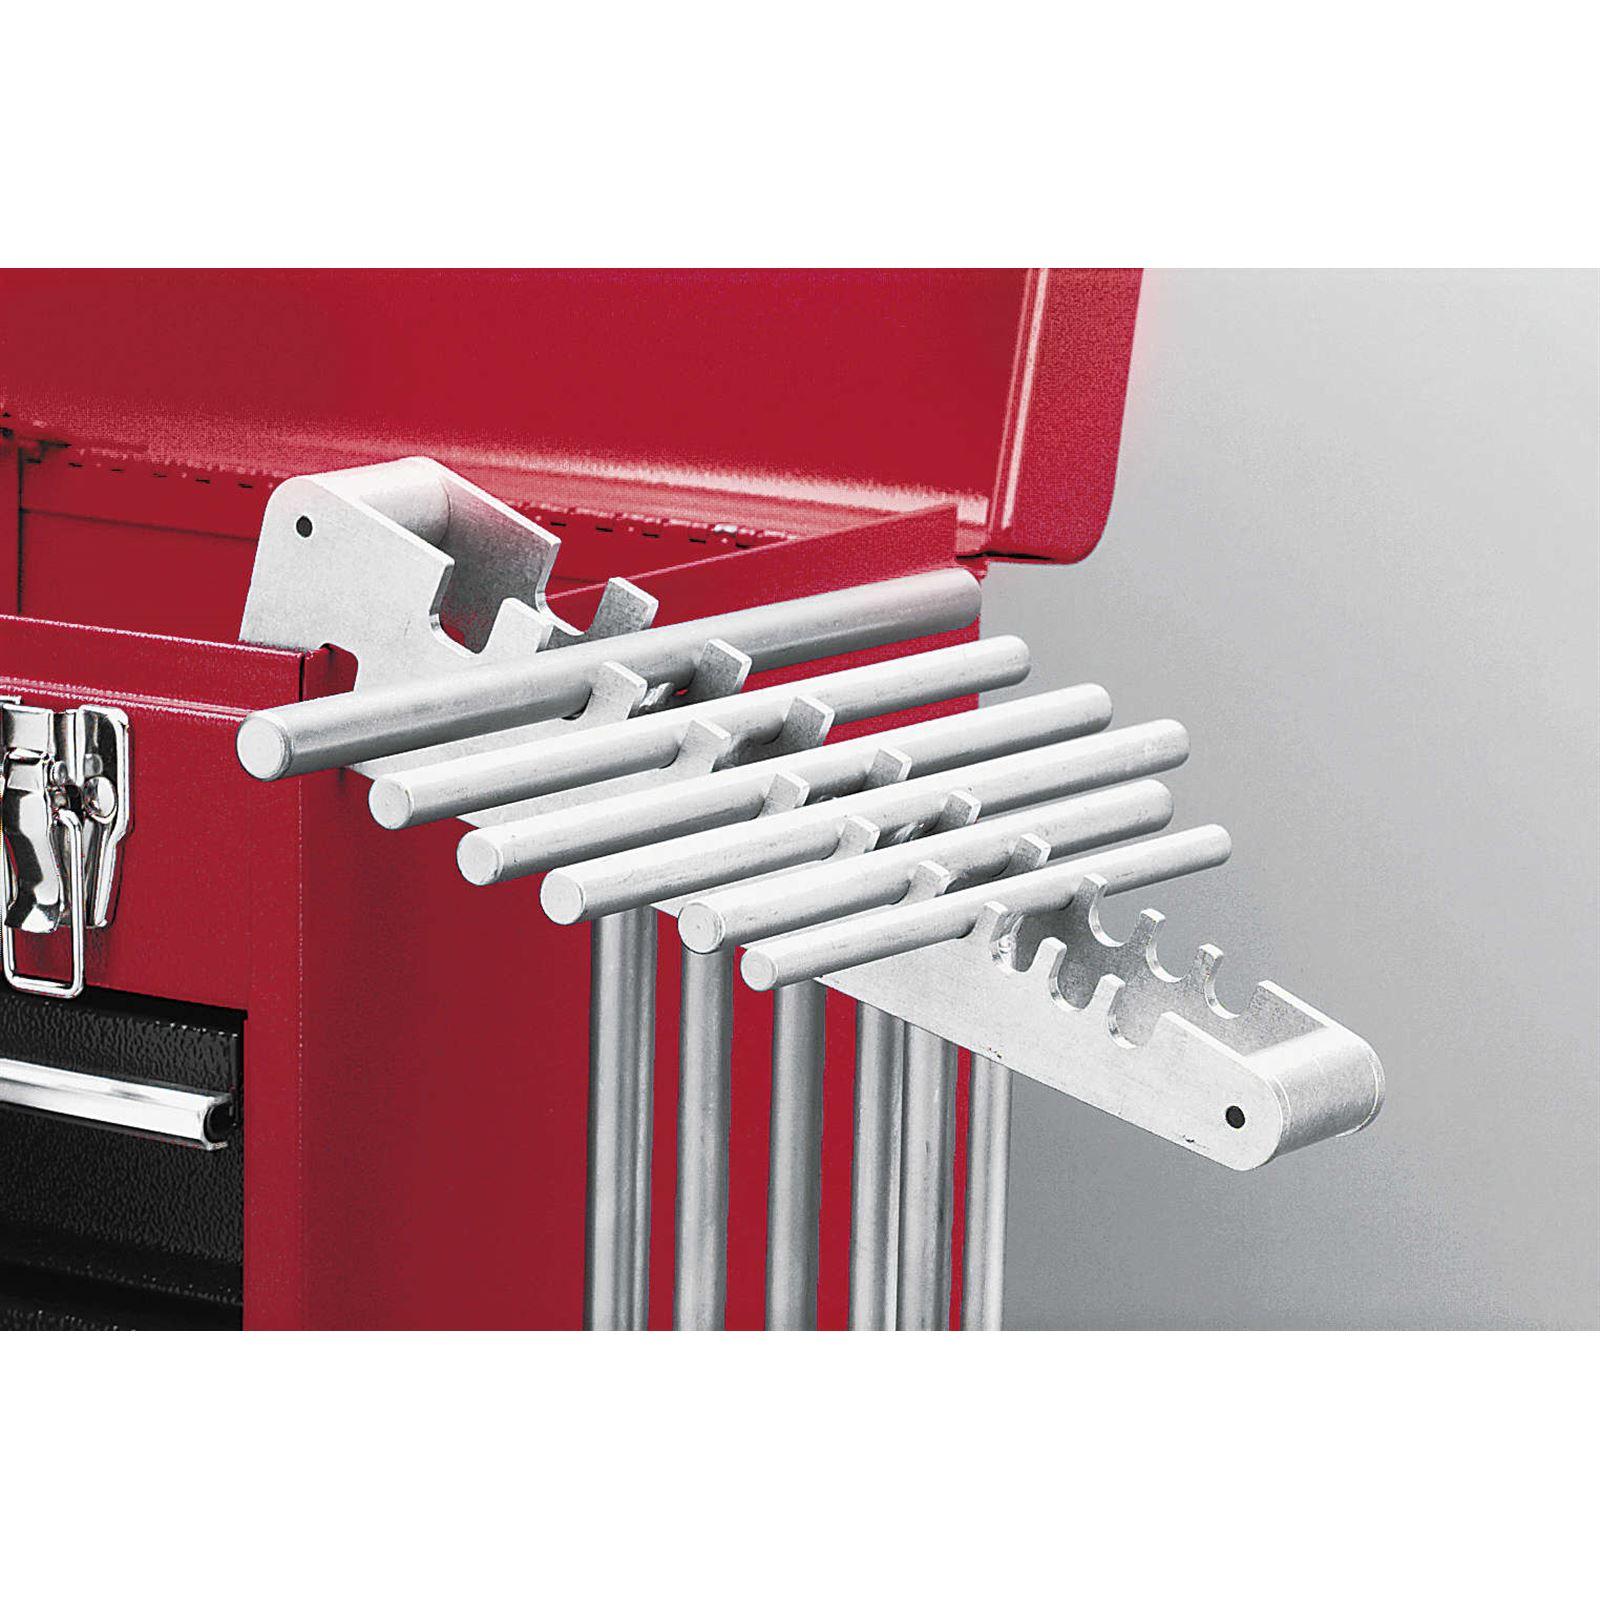 Motion Pro 11-Slot T-Handle Rack